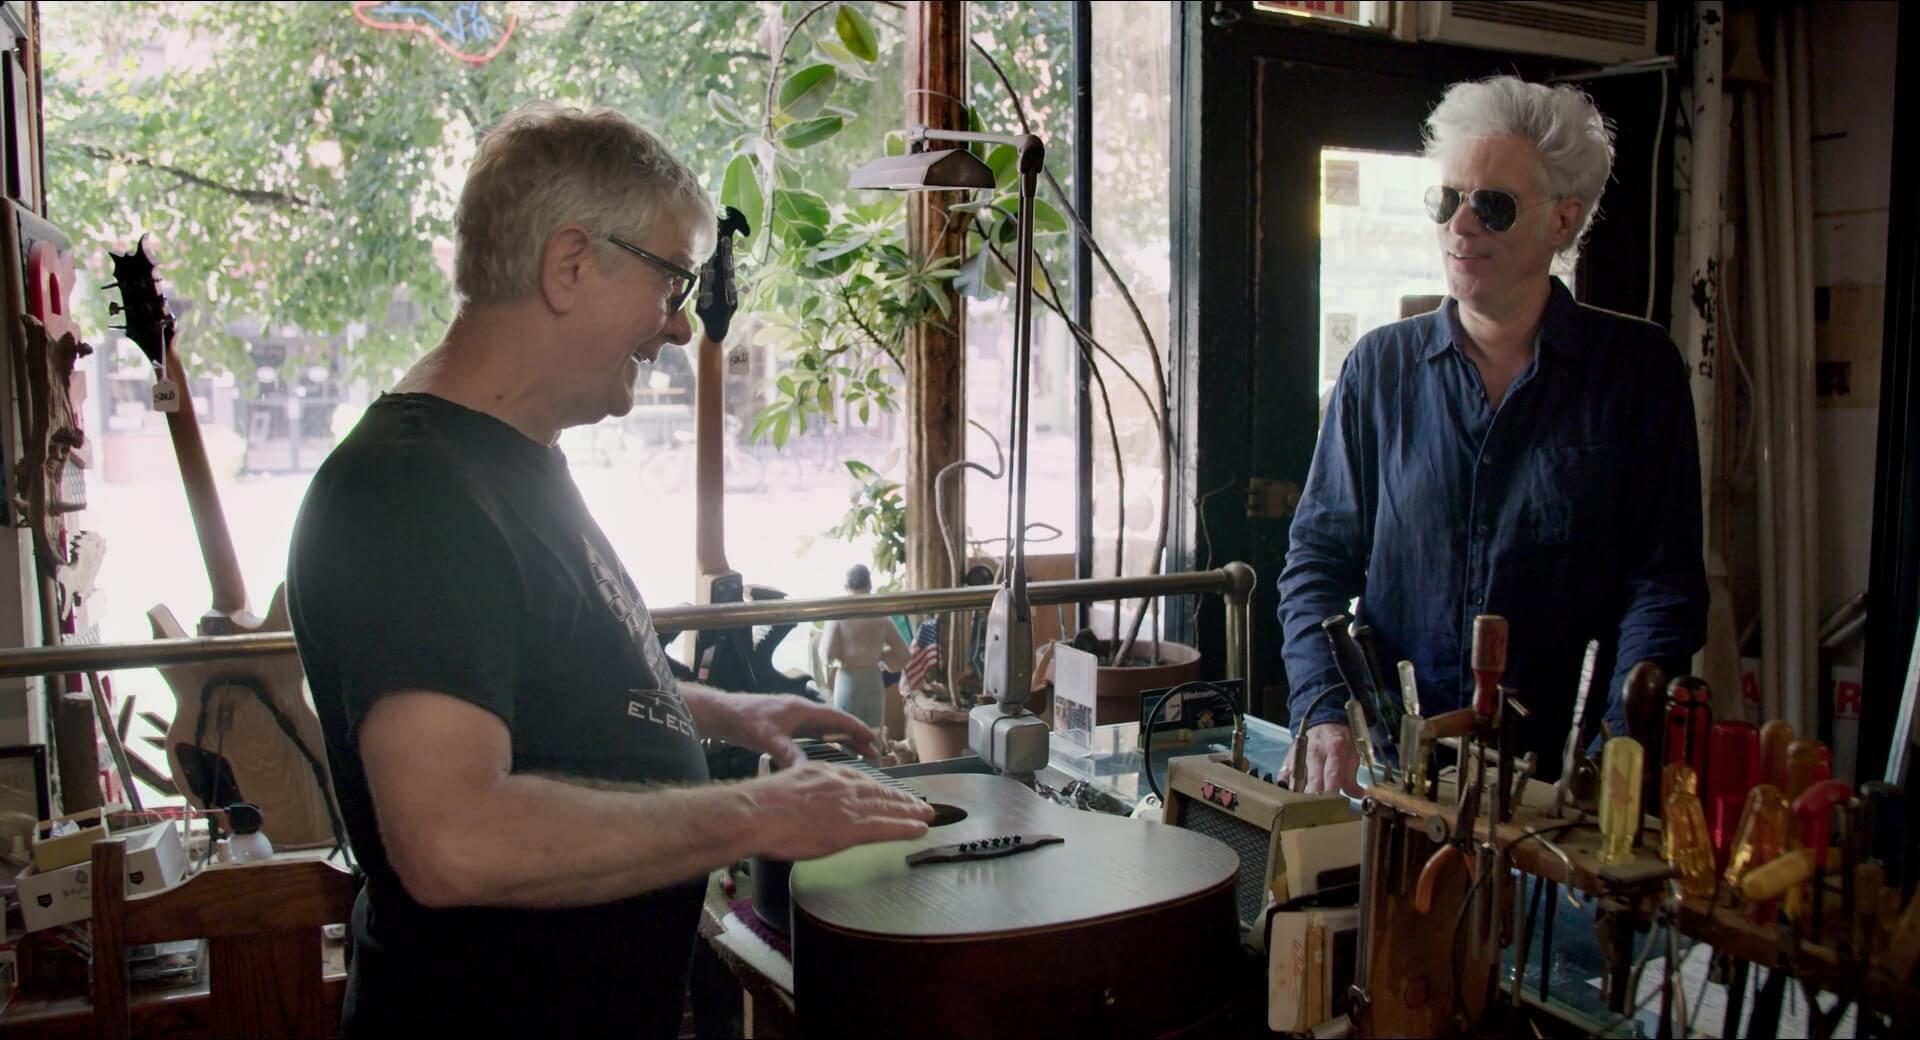 NYにあるギターショップのドキュメンタリー映画『カーマイン・ストリート・ギター』が本日より上映|山内総一郎、尾崎世界観、ハマ・オカモトらがコメントを寄せる fiml190810-carminestreertguitars-3